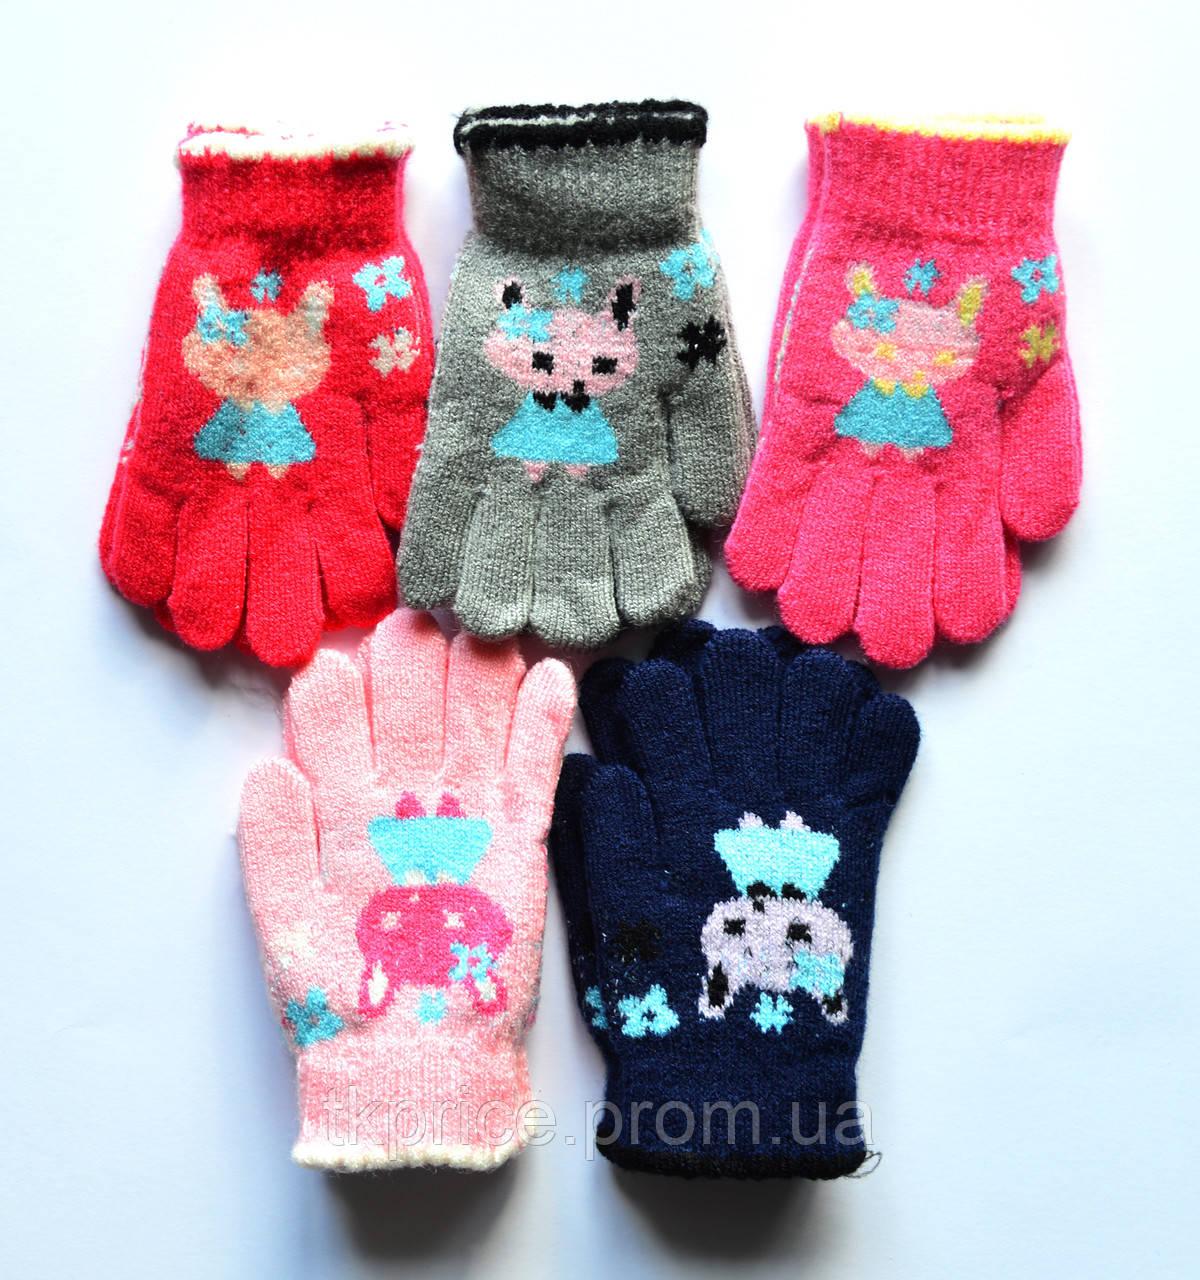 Детские шерстяные перчатки для девочки одинарные - длина 13 см